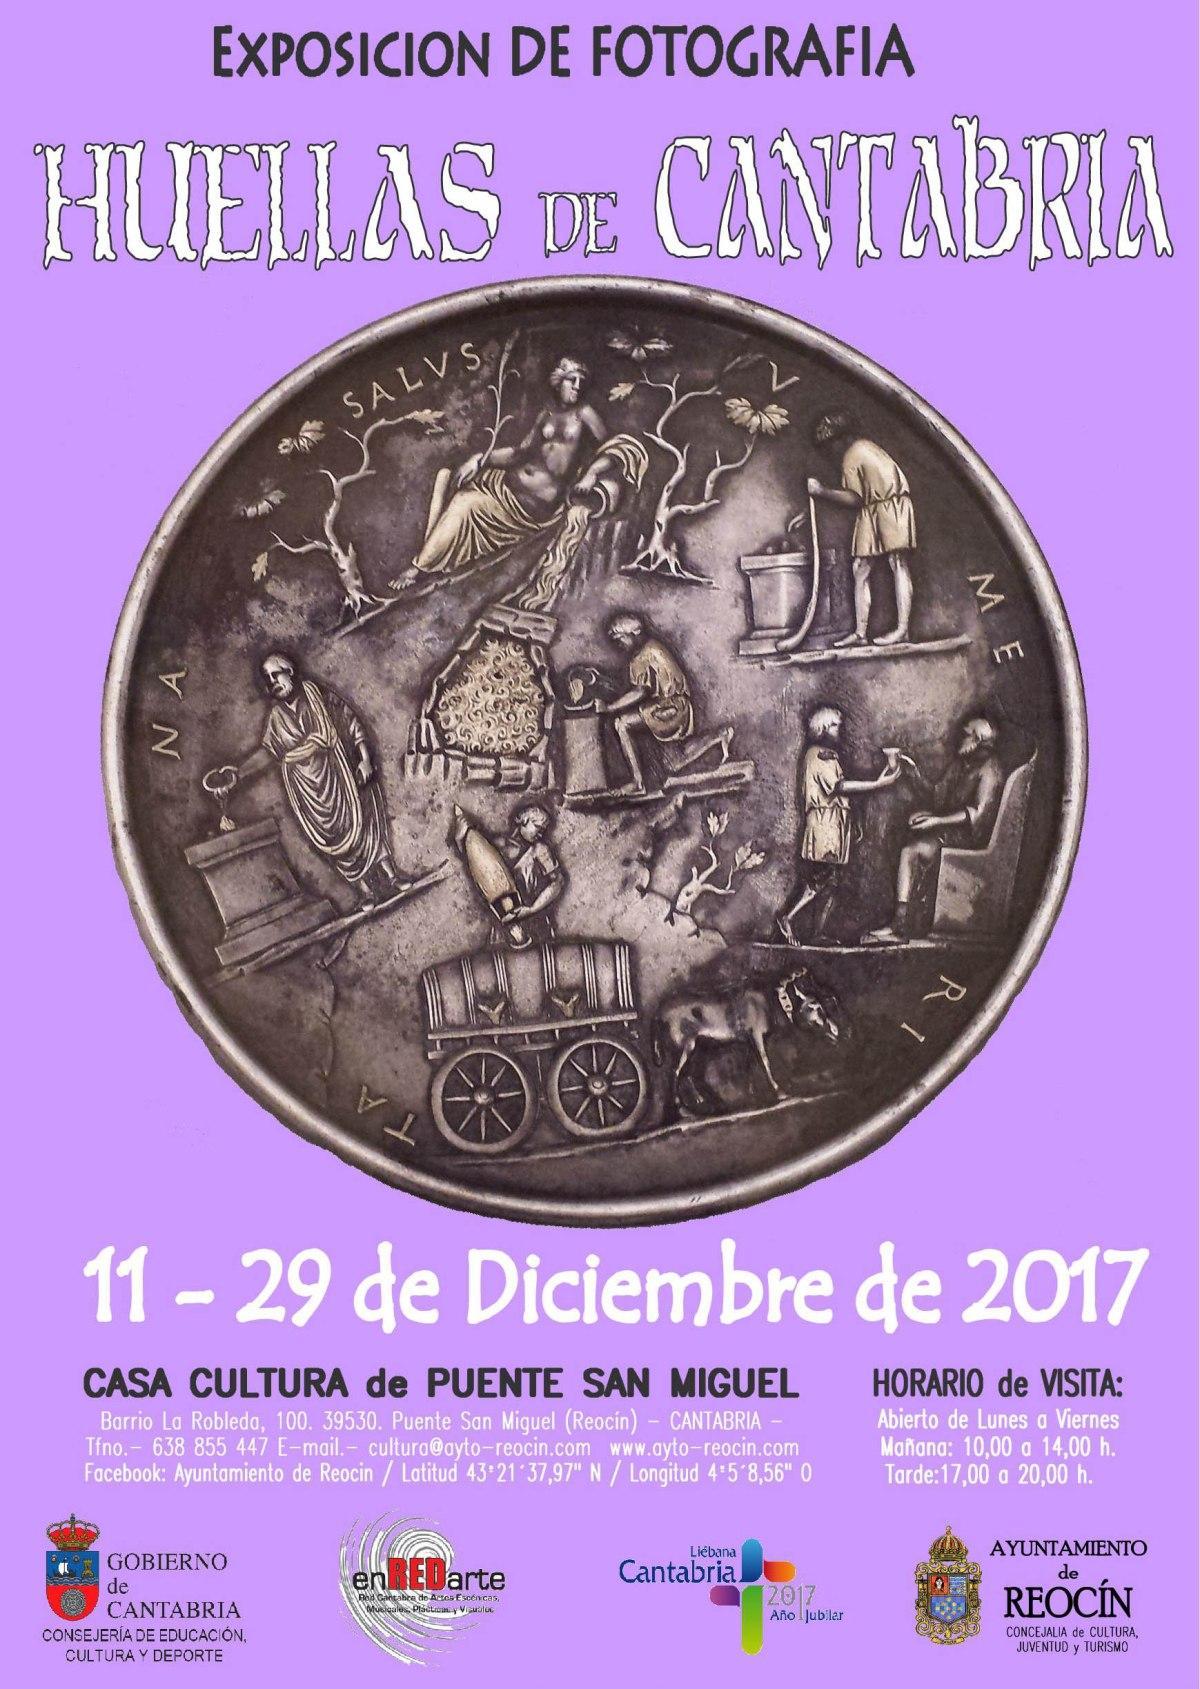 nuevo cartel expo huellas de cantabria 2017